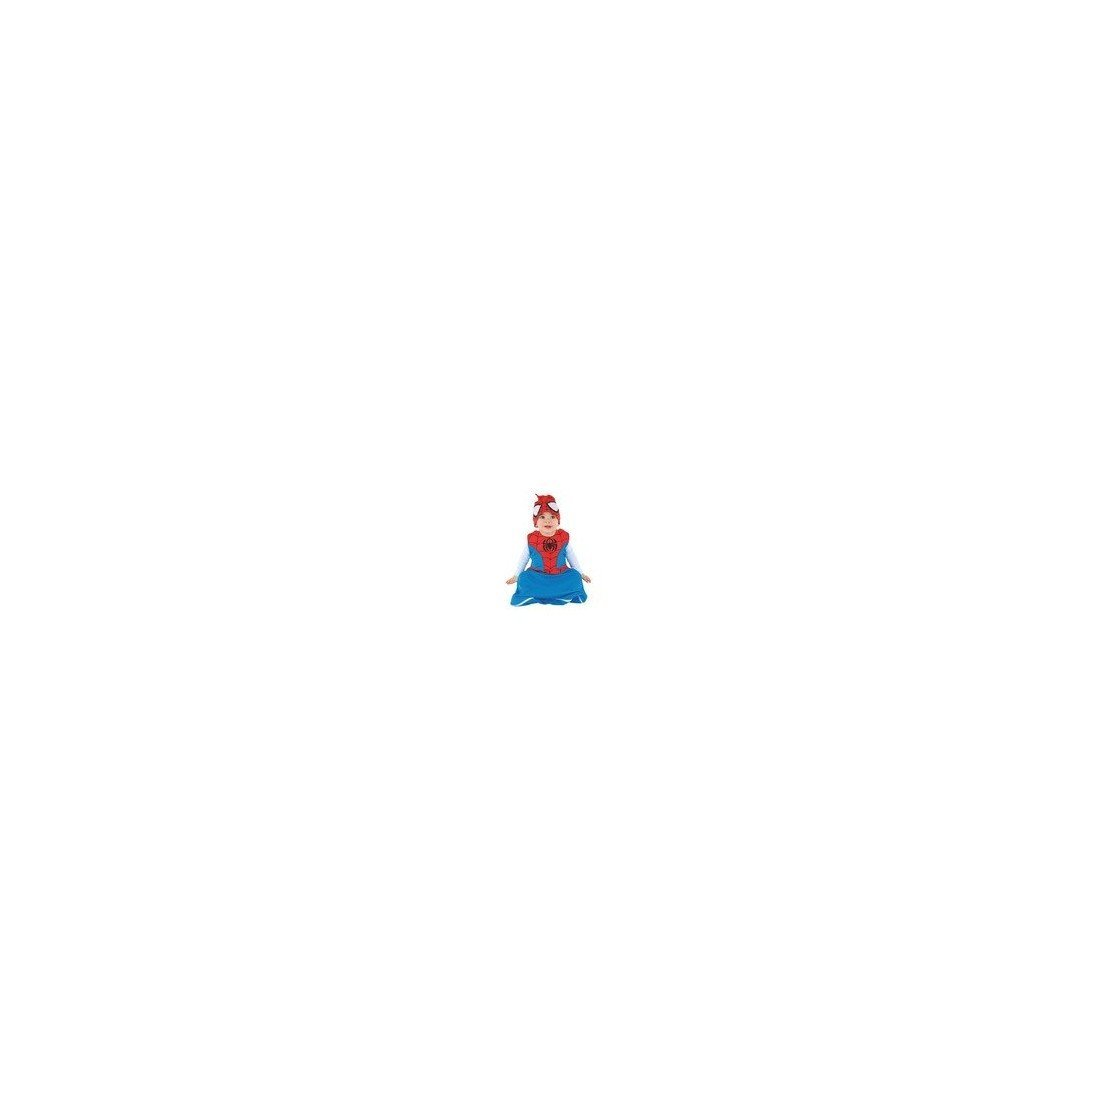 Kostüm Spiderman Babyschlafsack B005QAGA1W Kostüme für Baby Clever und praktisch | Optimaler Preis